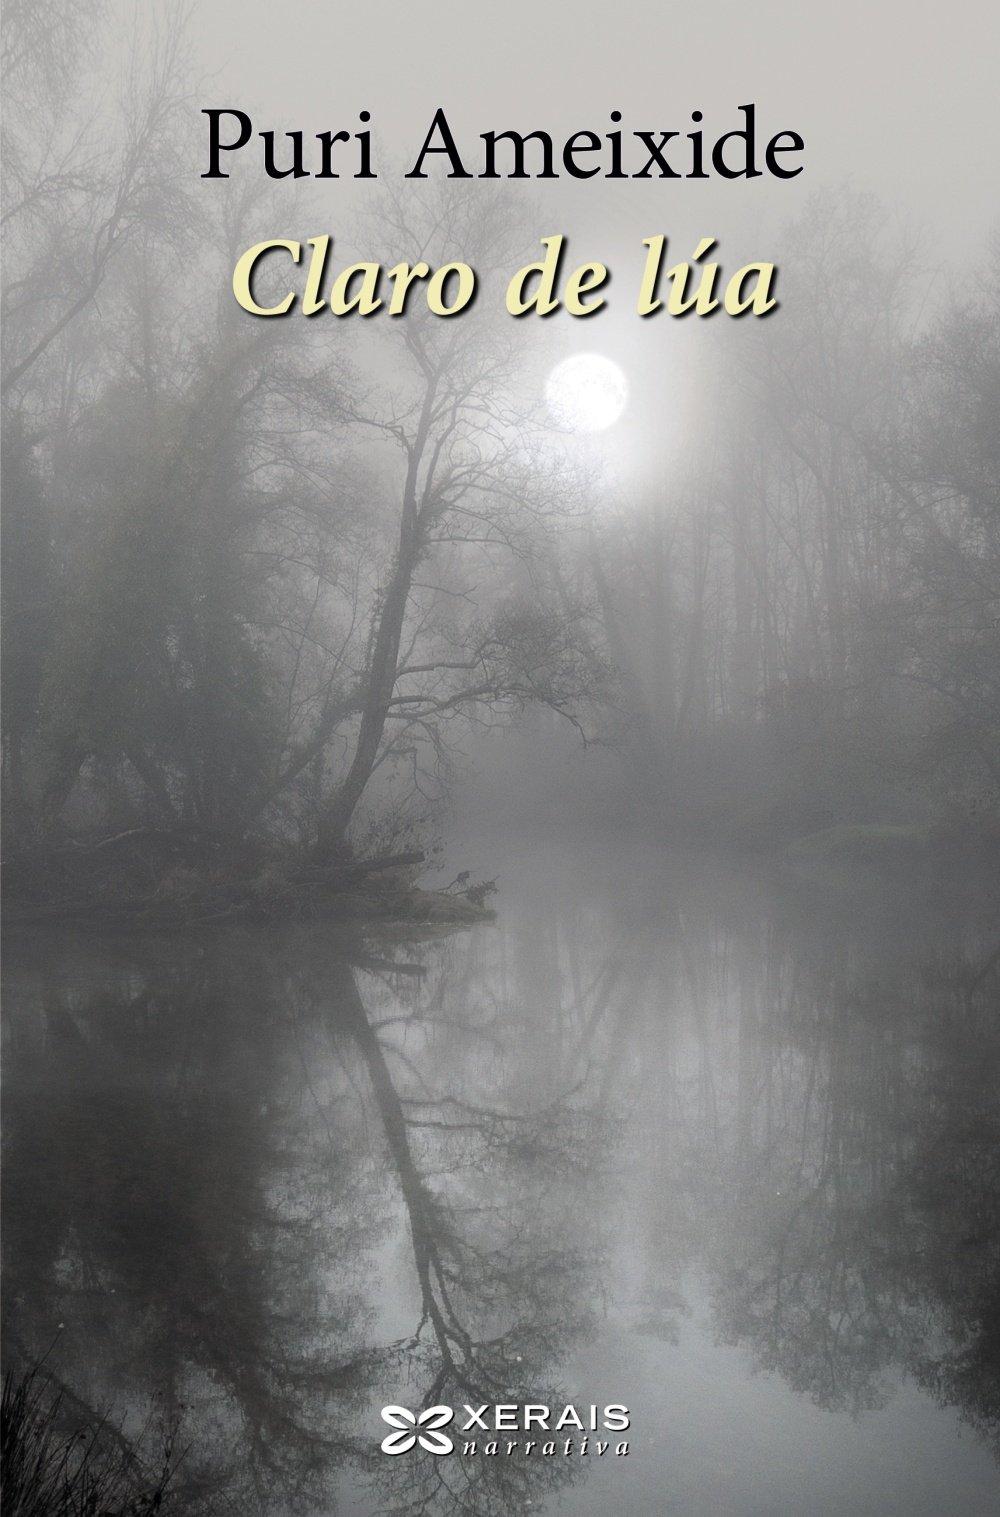 Claro de lúa (Edición Literaria - Narrativa) (Gallego) Tapa blanda – 28 jun 2018 Puri Ameixide Edicións Xerais 8491214038